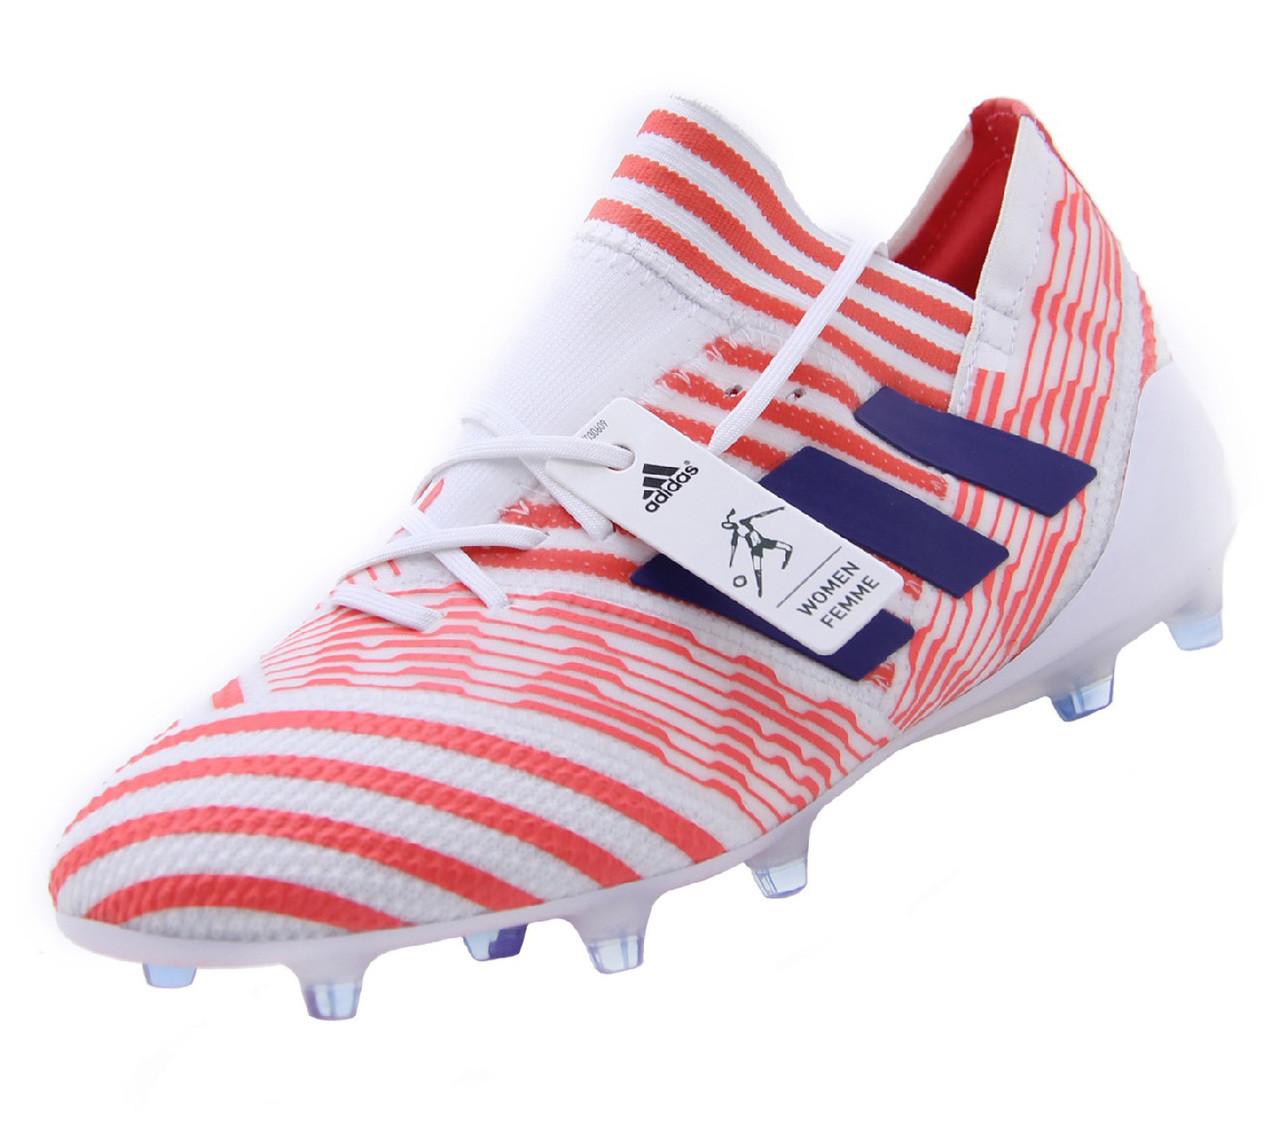 całkowicie stylowy sprzedaż obuwia ceny odprawy Adidas Nemeziz 17.1 FG W - White/Mystery Ink/Easy Coral